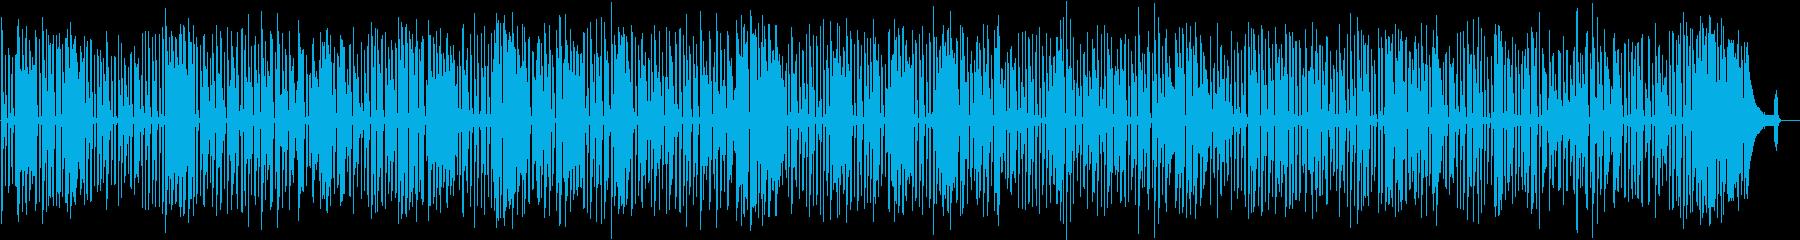 軽快で明るい映像に合うソロジャズピアノの再生済みの波形